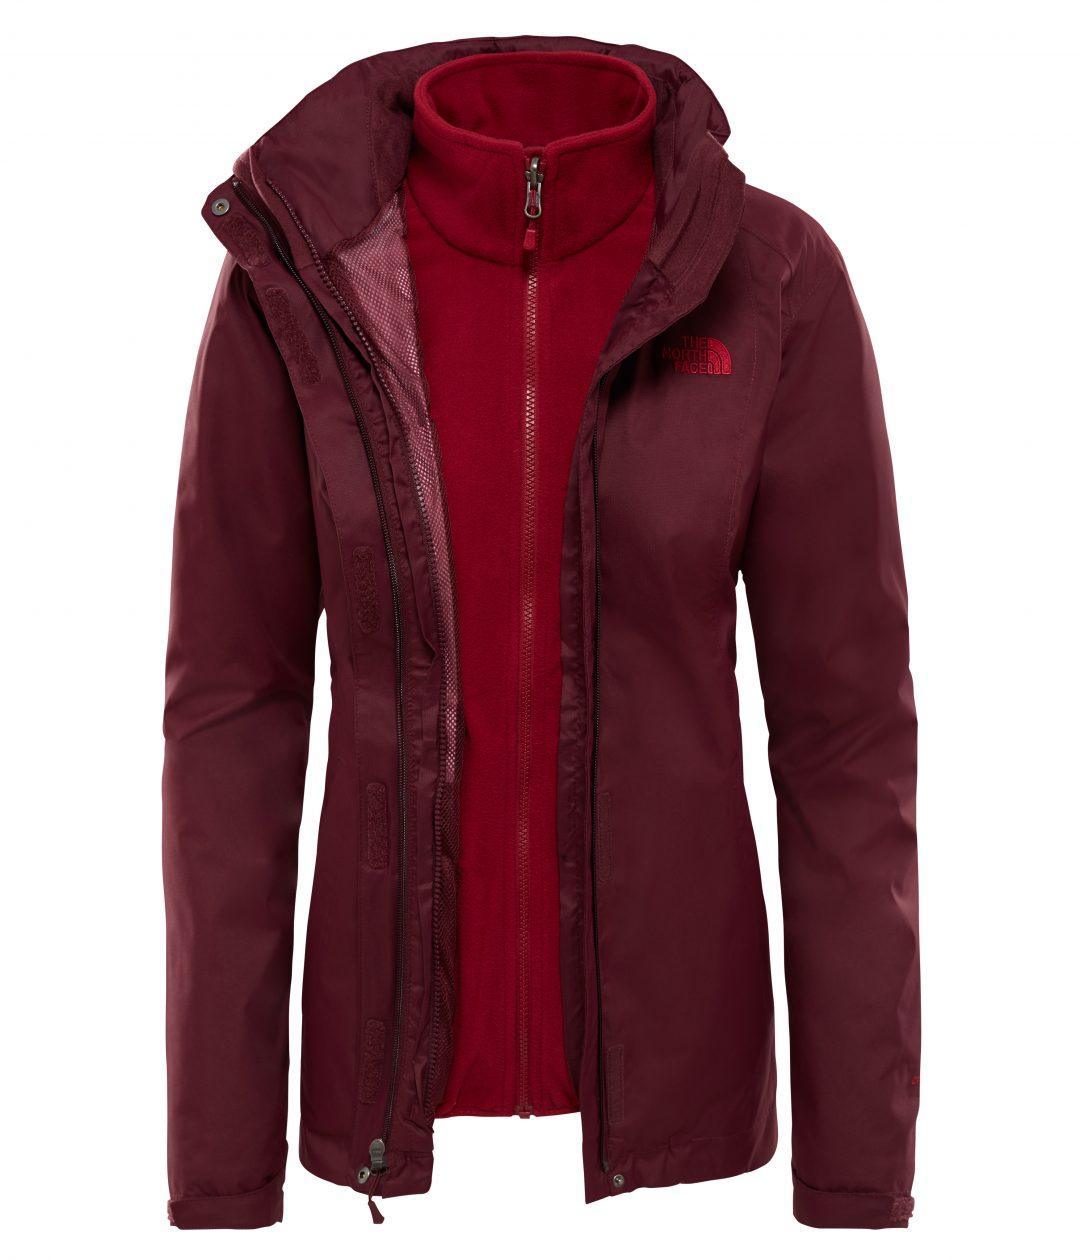 Inverno: giacche e accessori tecnici per la neve, il vento, il freddo